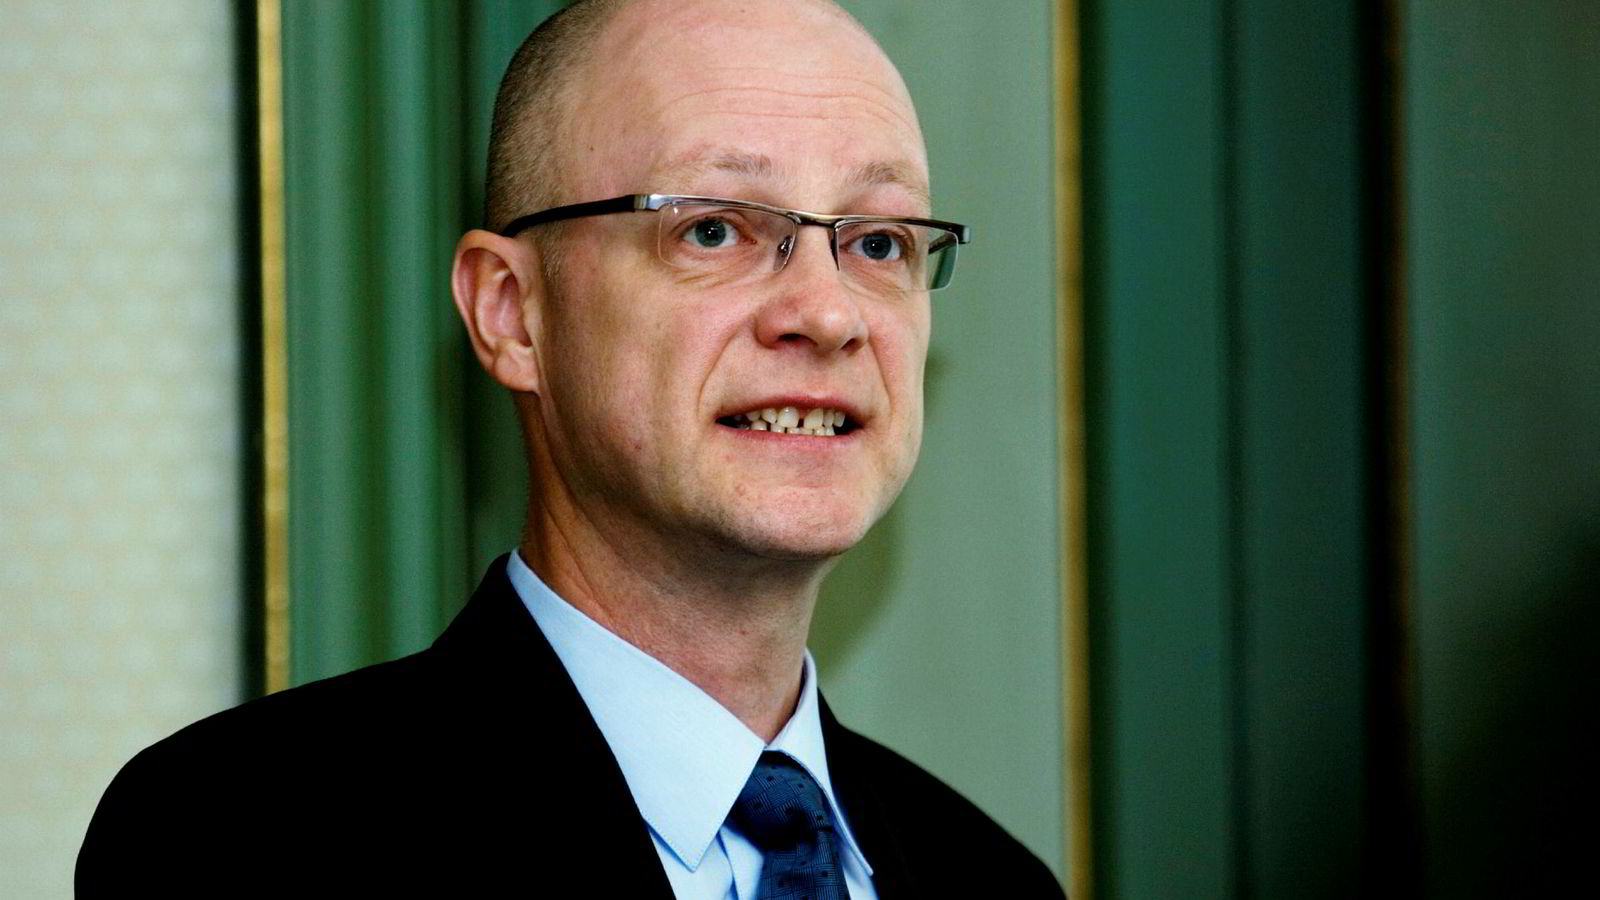 Geir Hjellvik eier gjennom sitt investeringsselskap Lithinon blant annet 1,1 millioner aksjer i Bank Norwegian.